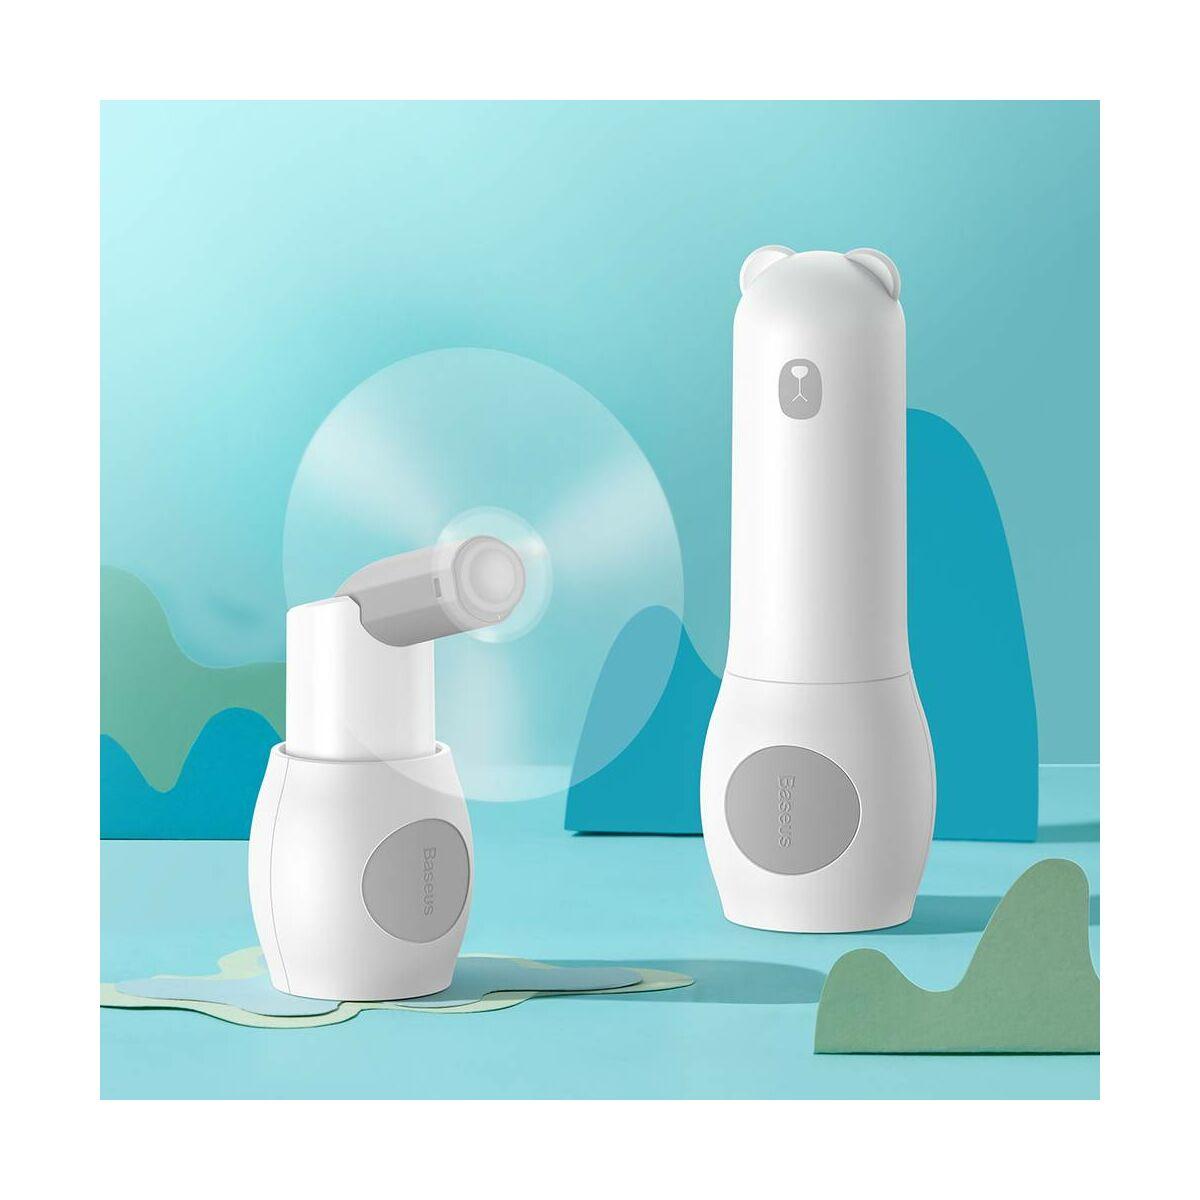 Baseus ventilátor, hordozható, Tricolor bear, összehajtható, 2000 mAh, 1.1W, fehér (CXZD-A02)